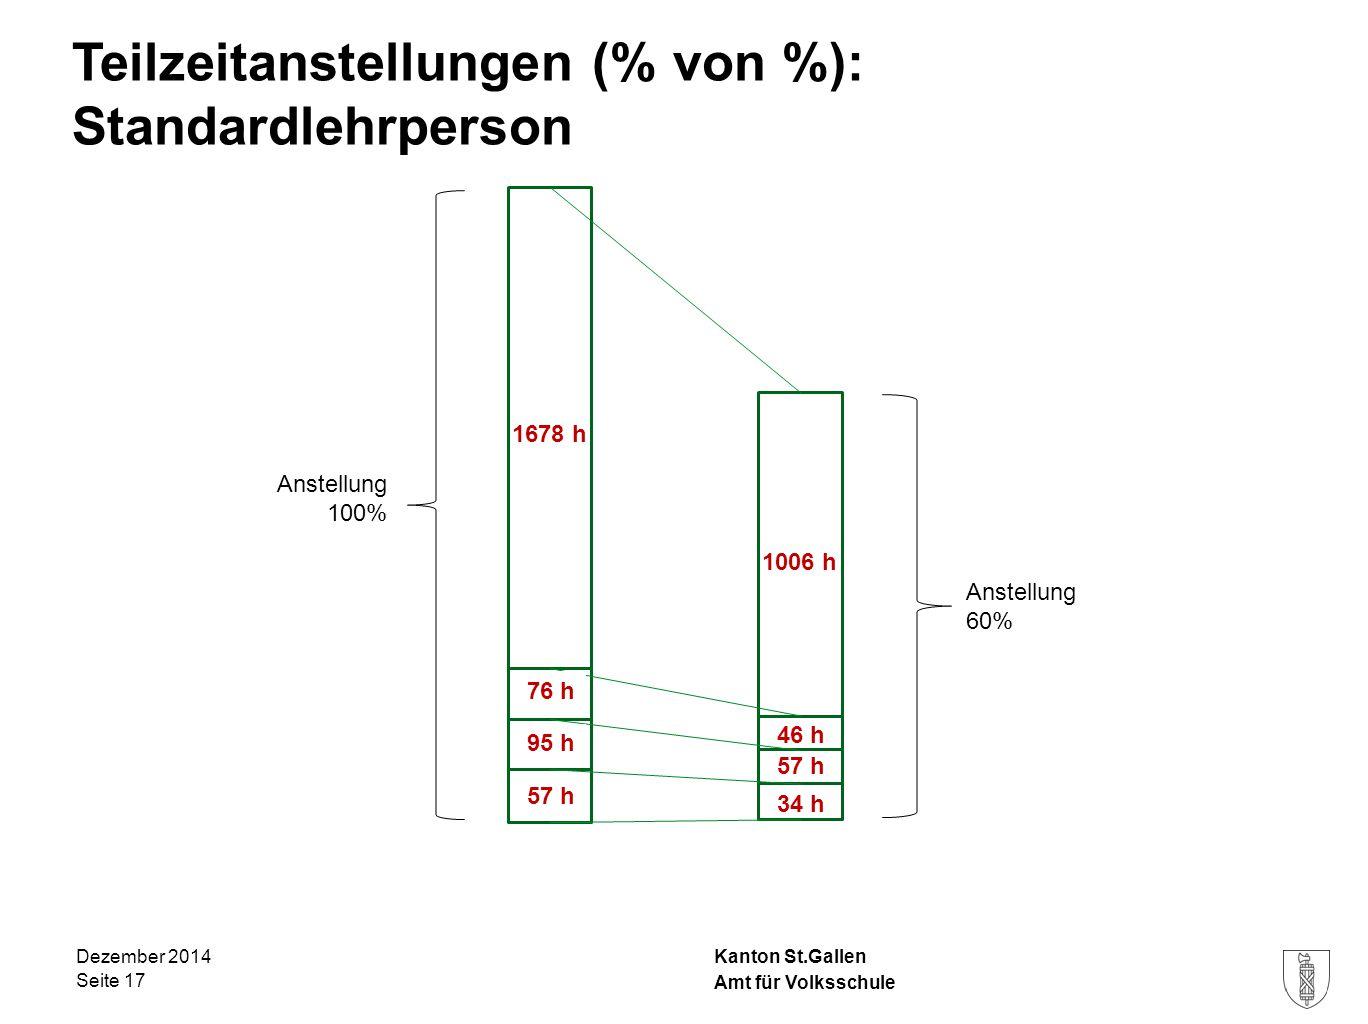 Teilzeitanstellungen (% von %): Standardlehrperson